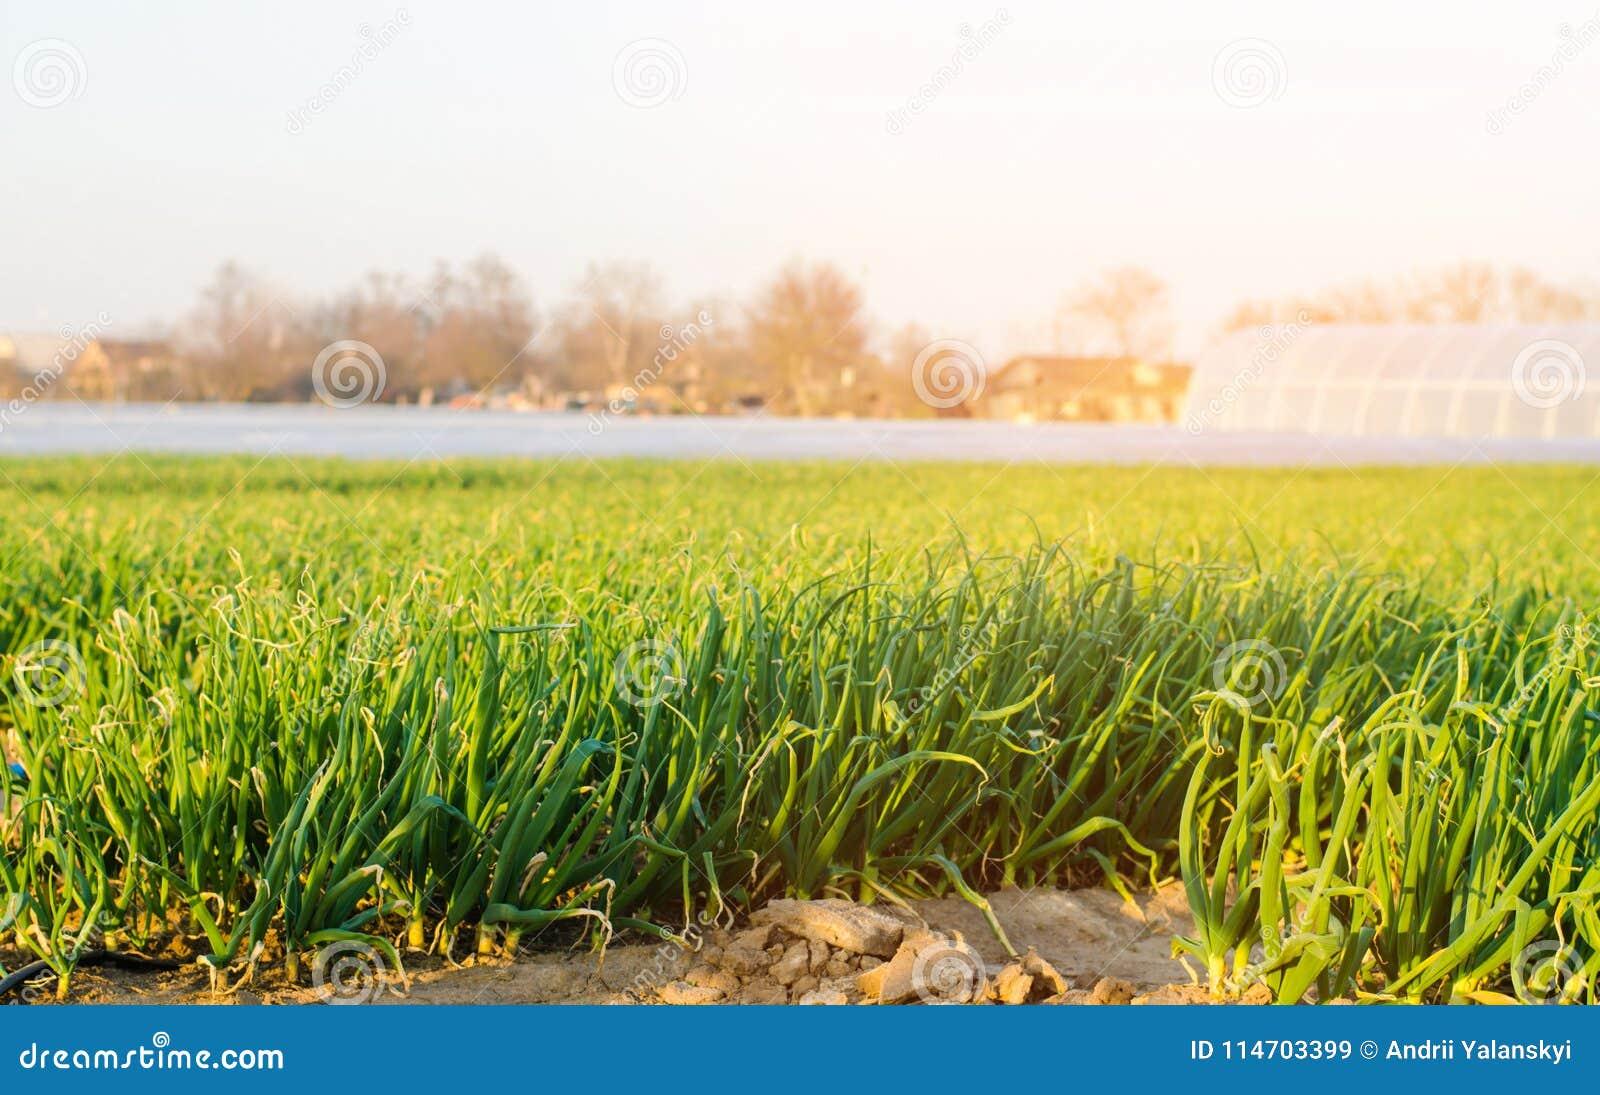 How to grow a good harvest 92